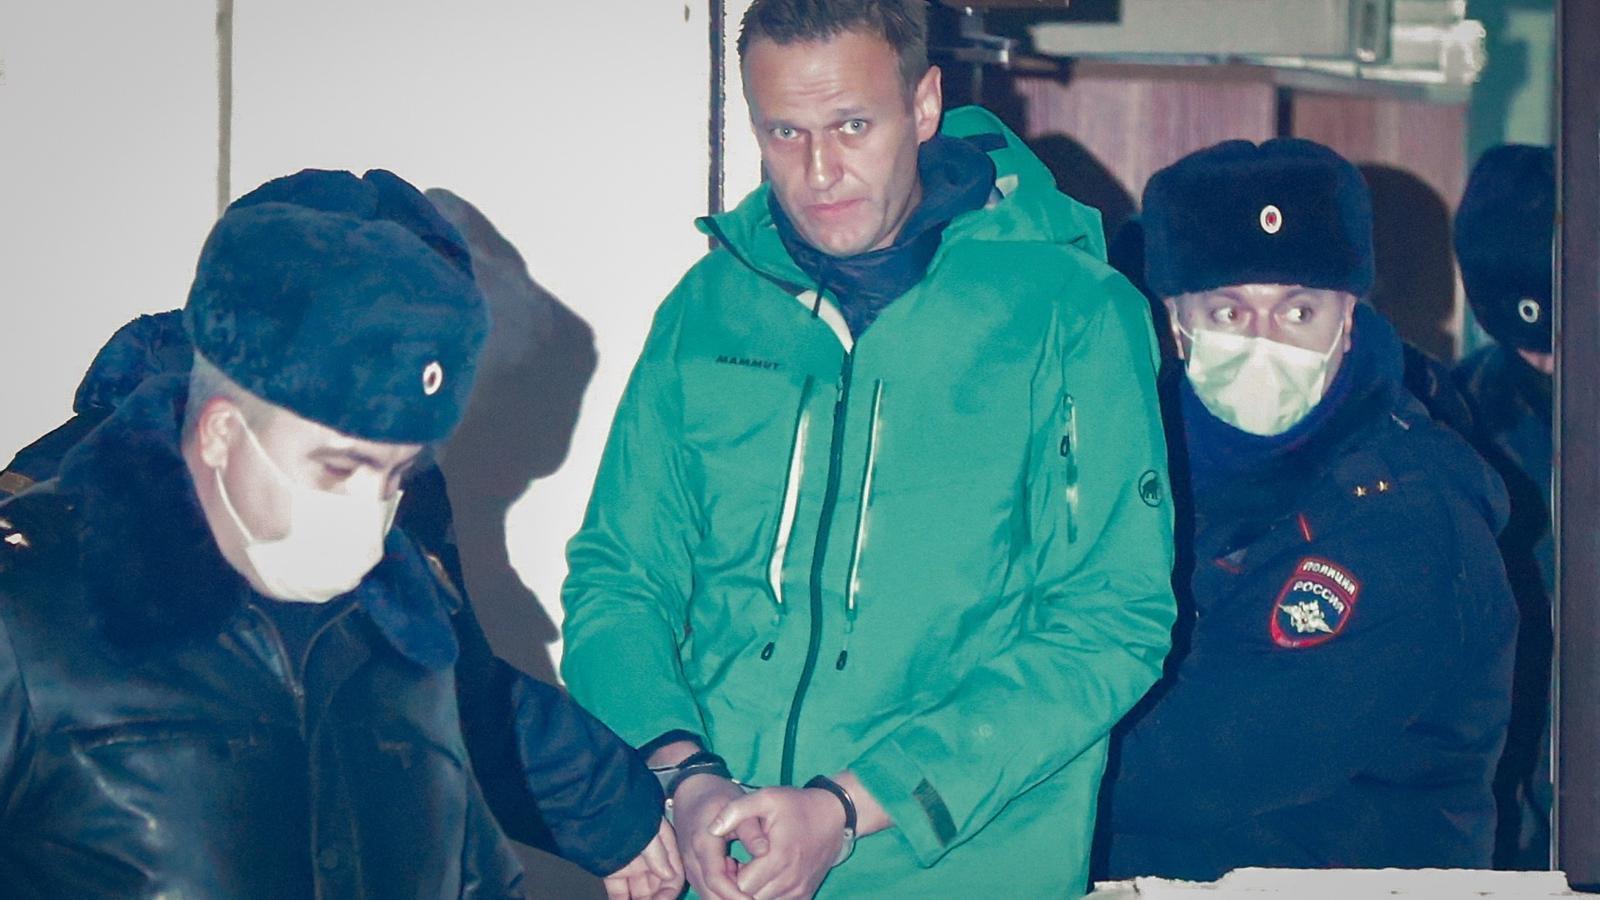 L'Opositor Alexei Navalni surt emmanillat d'una comissaria als afores de Moscou